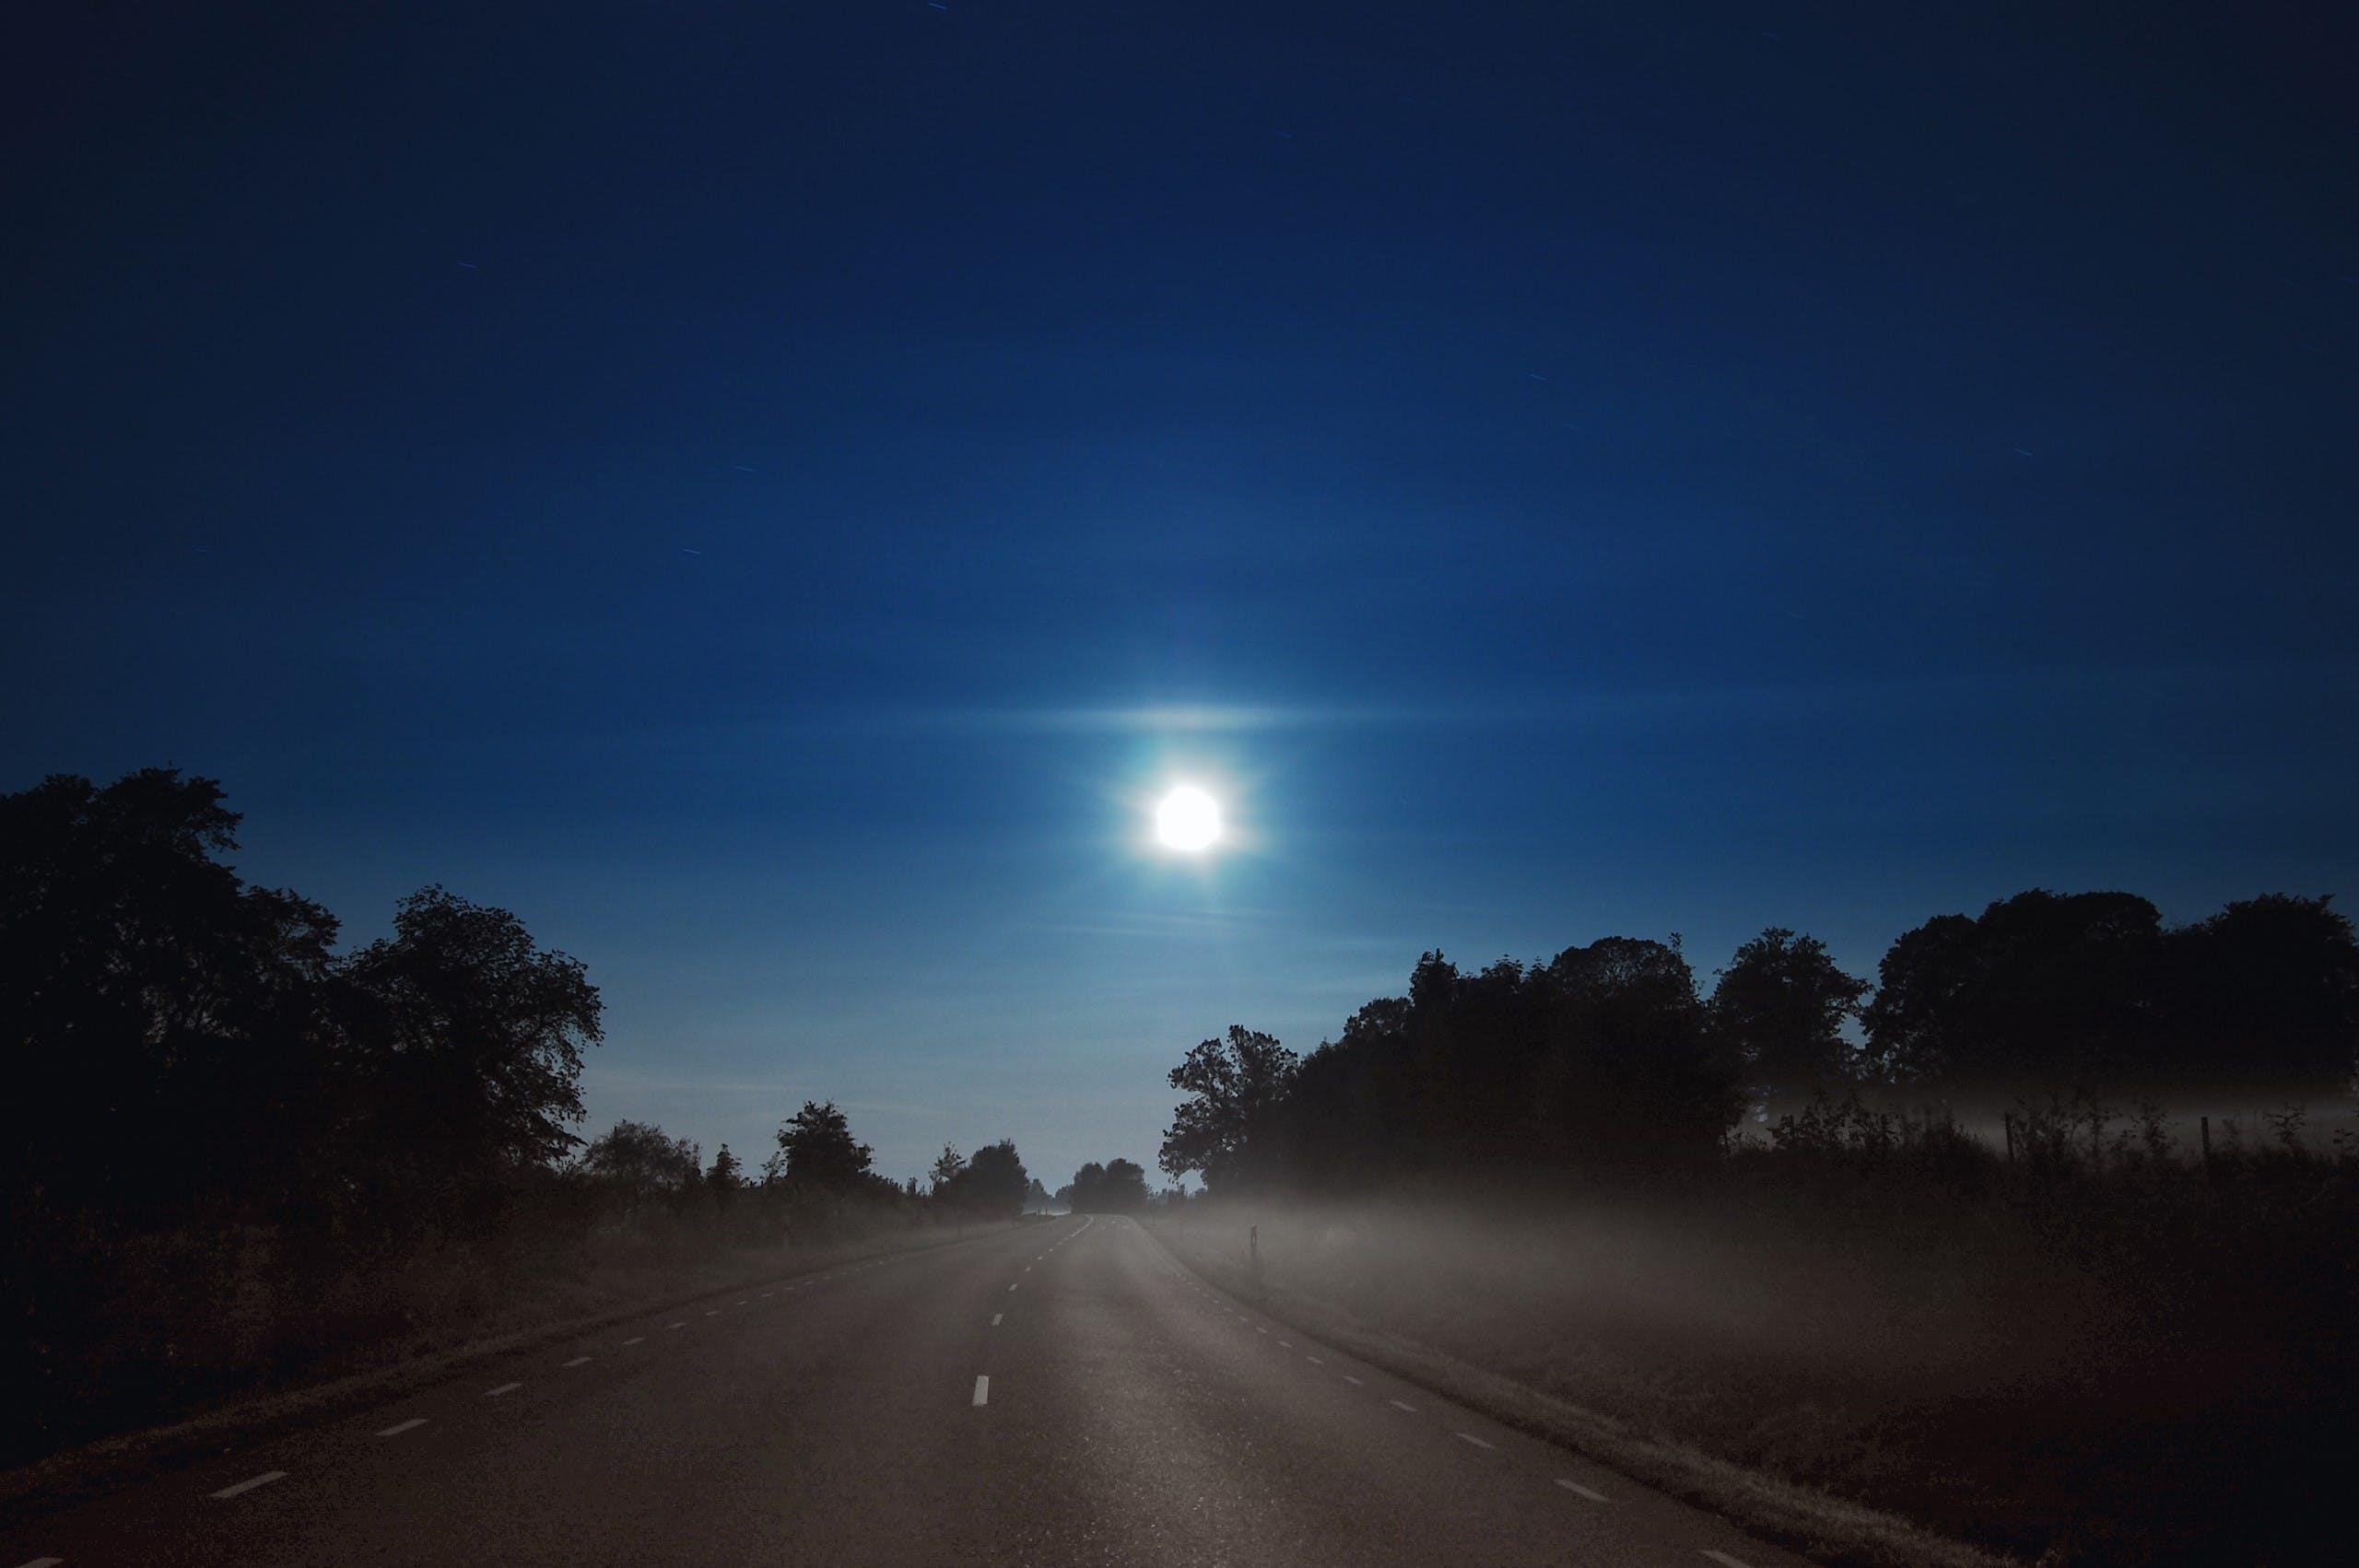 fuldmåne, landskab, nat